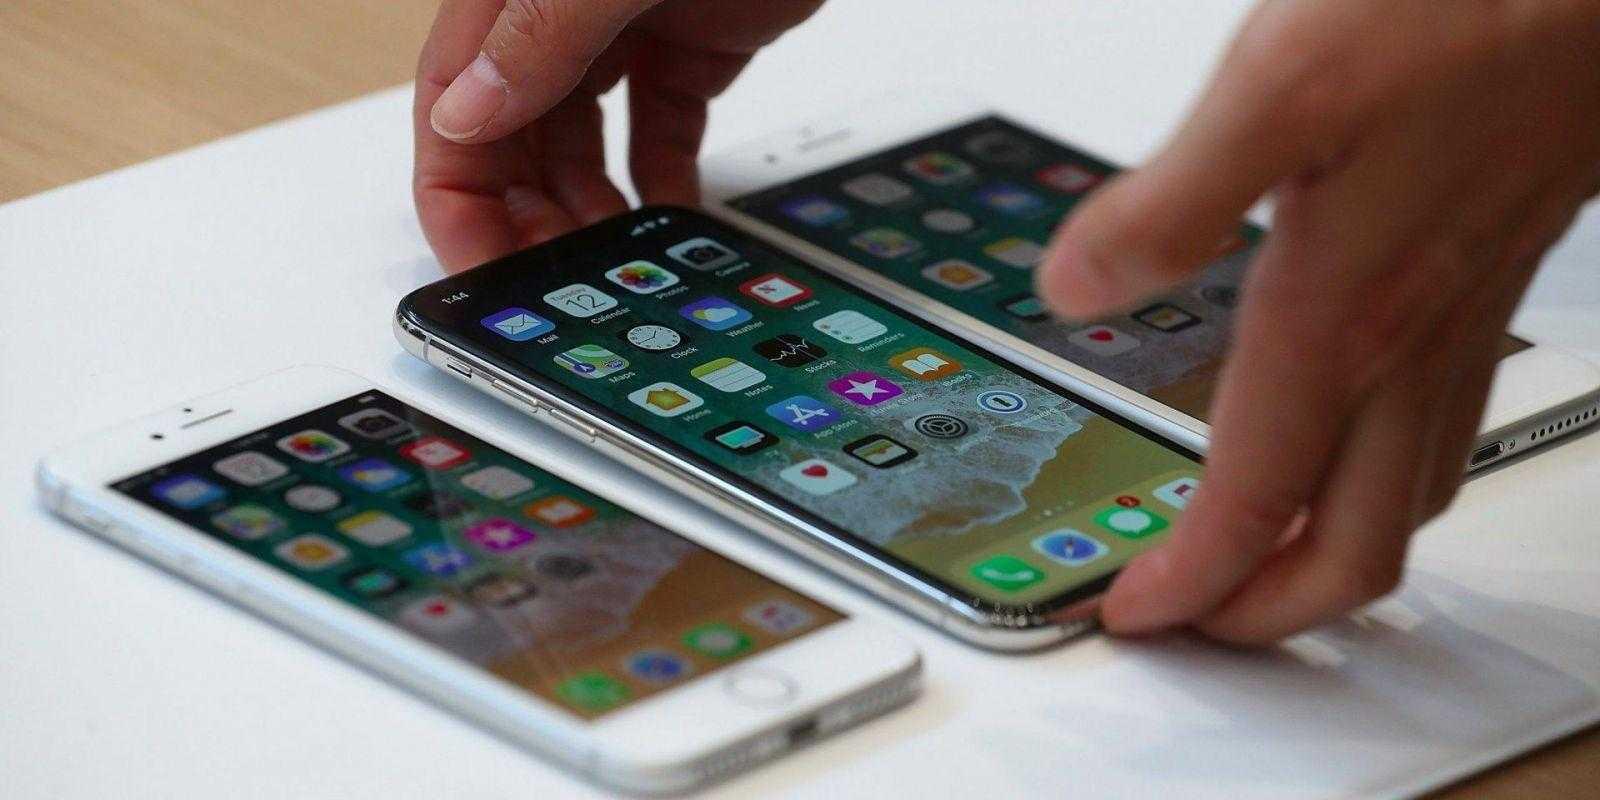 Патент Apple на складной iPhone показывает, как избежать повреждения экрана (59bbaceeba785e6e8840eba4 2732 1366)